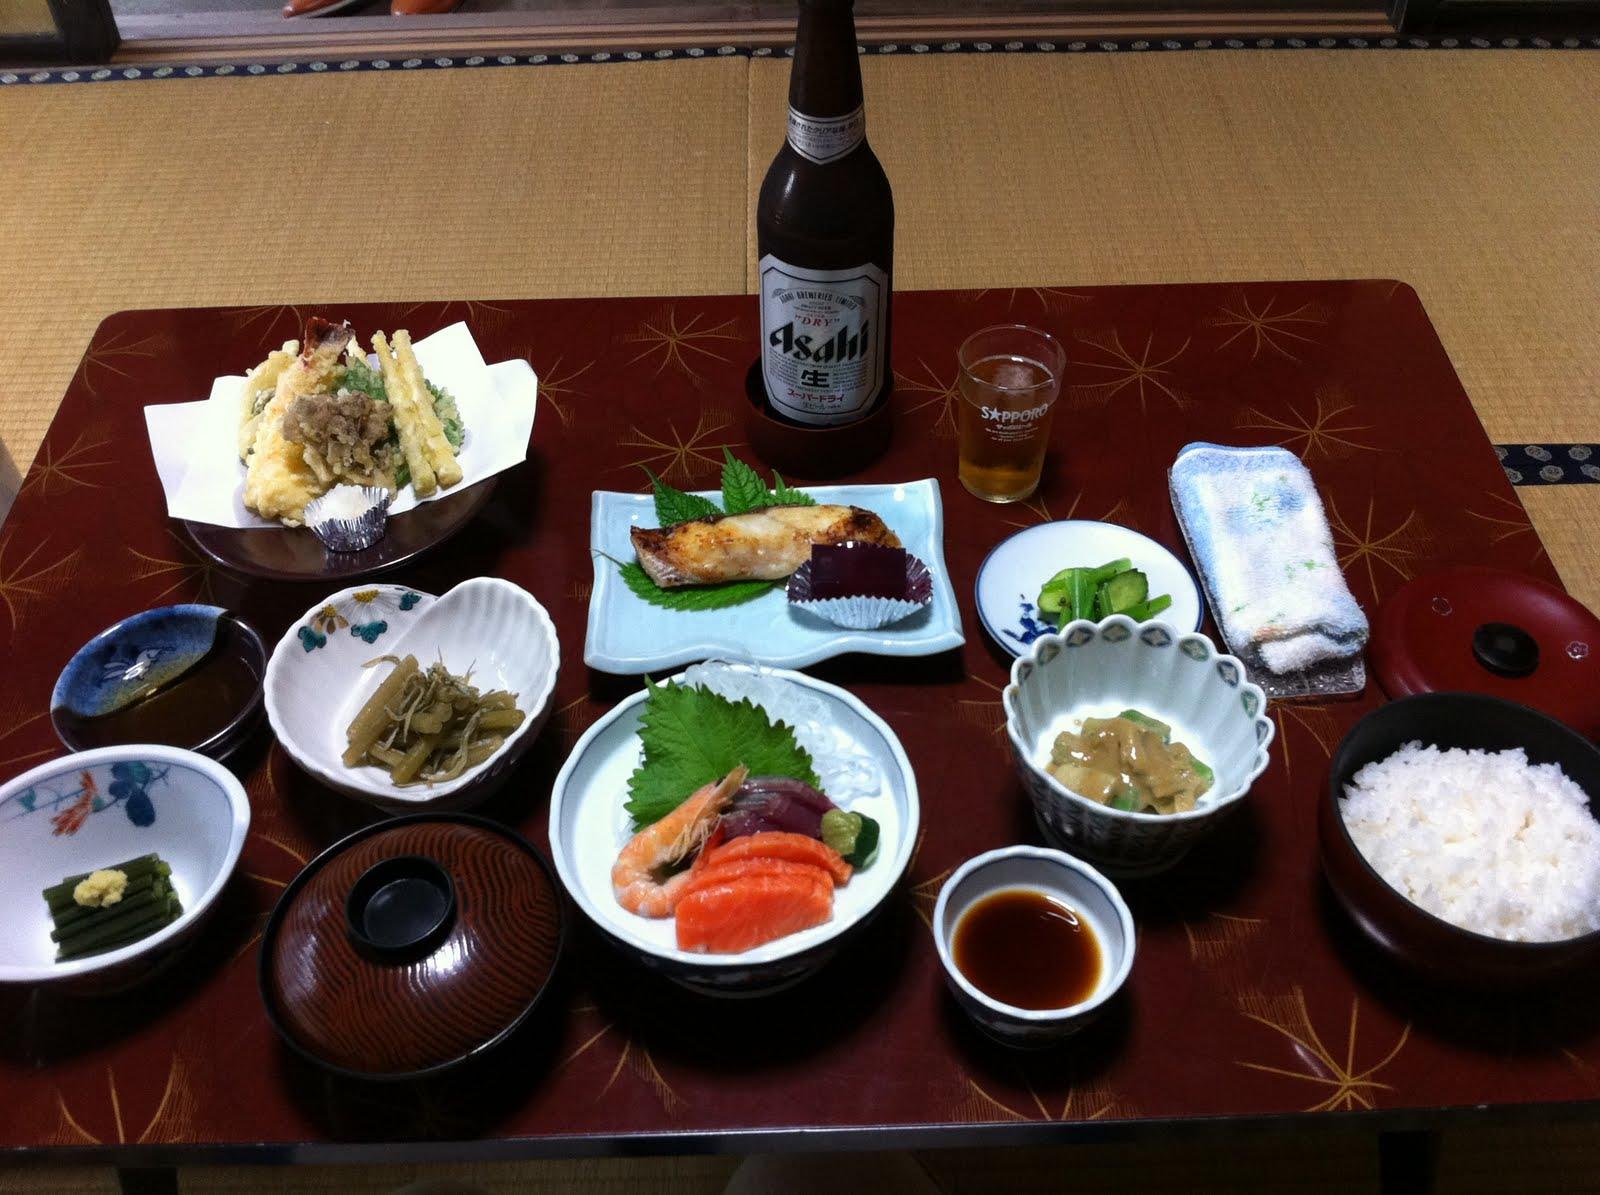 Dieta japoneza - Meniu dieta japoneza - Dieta japoneza cu orez - Stirile Kanal D